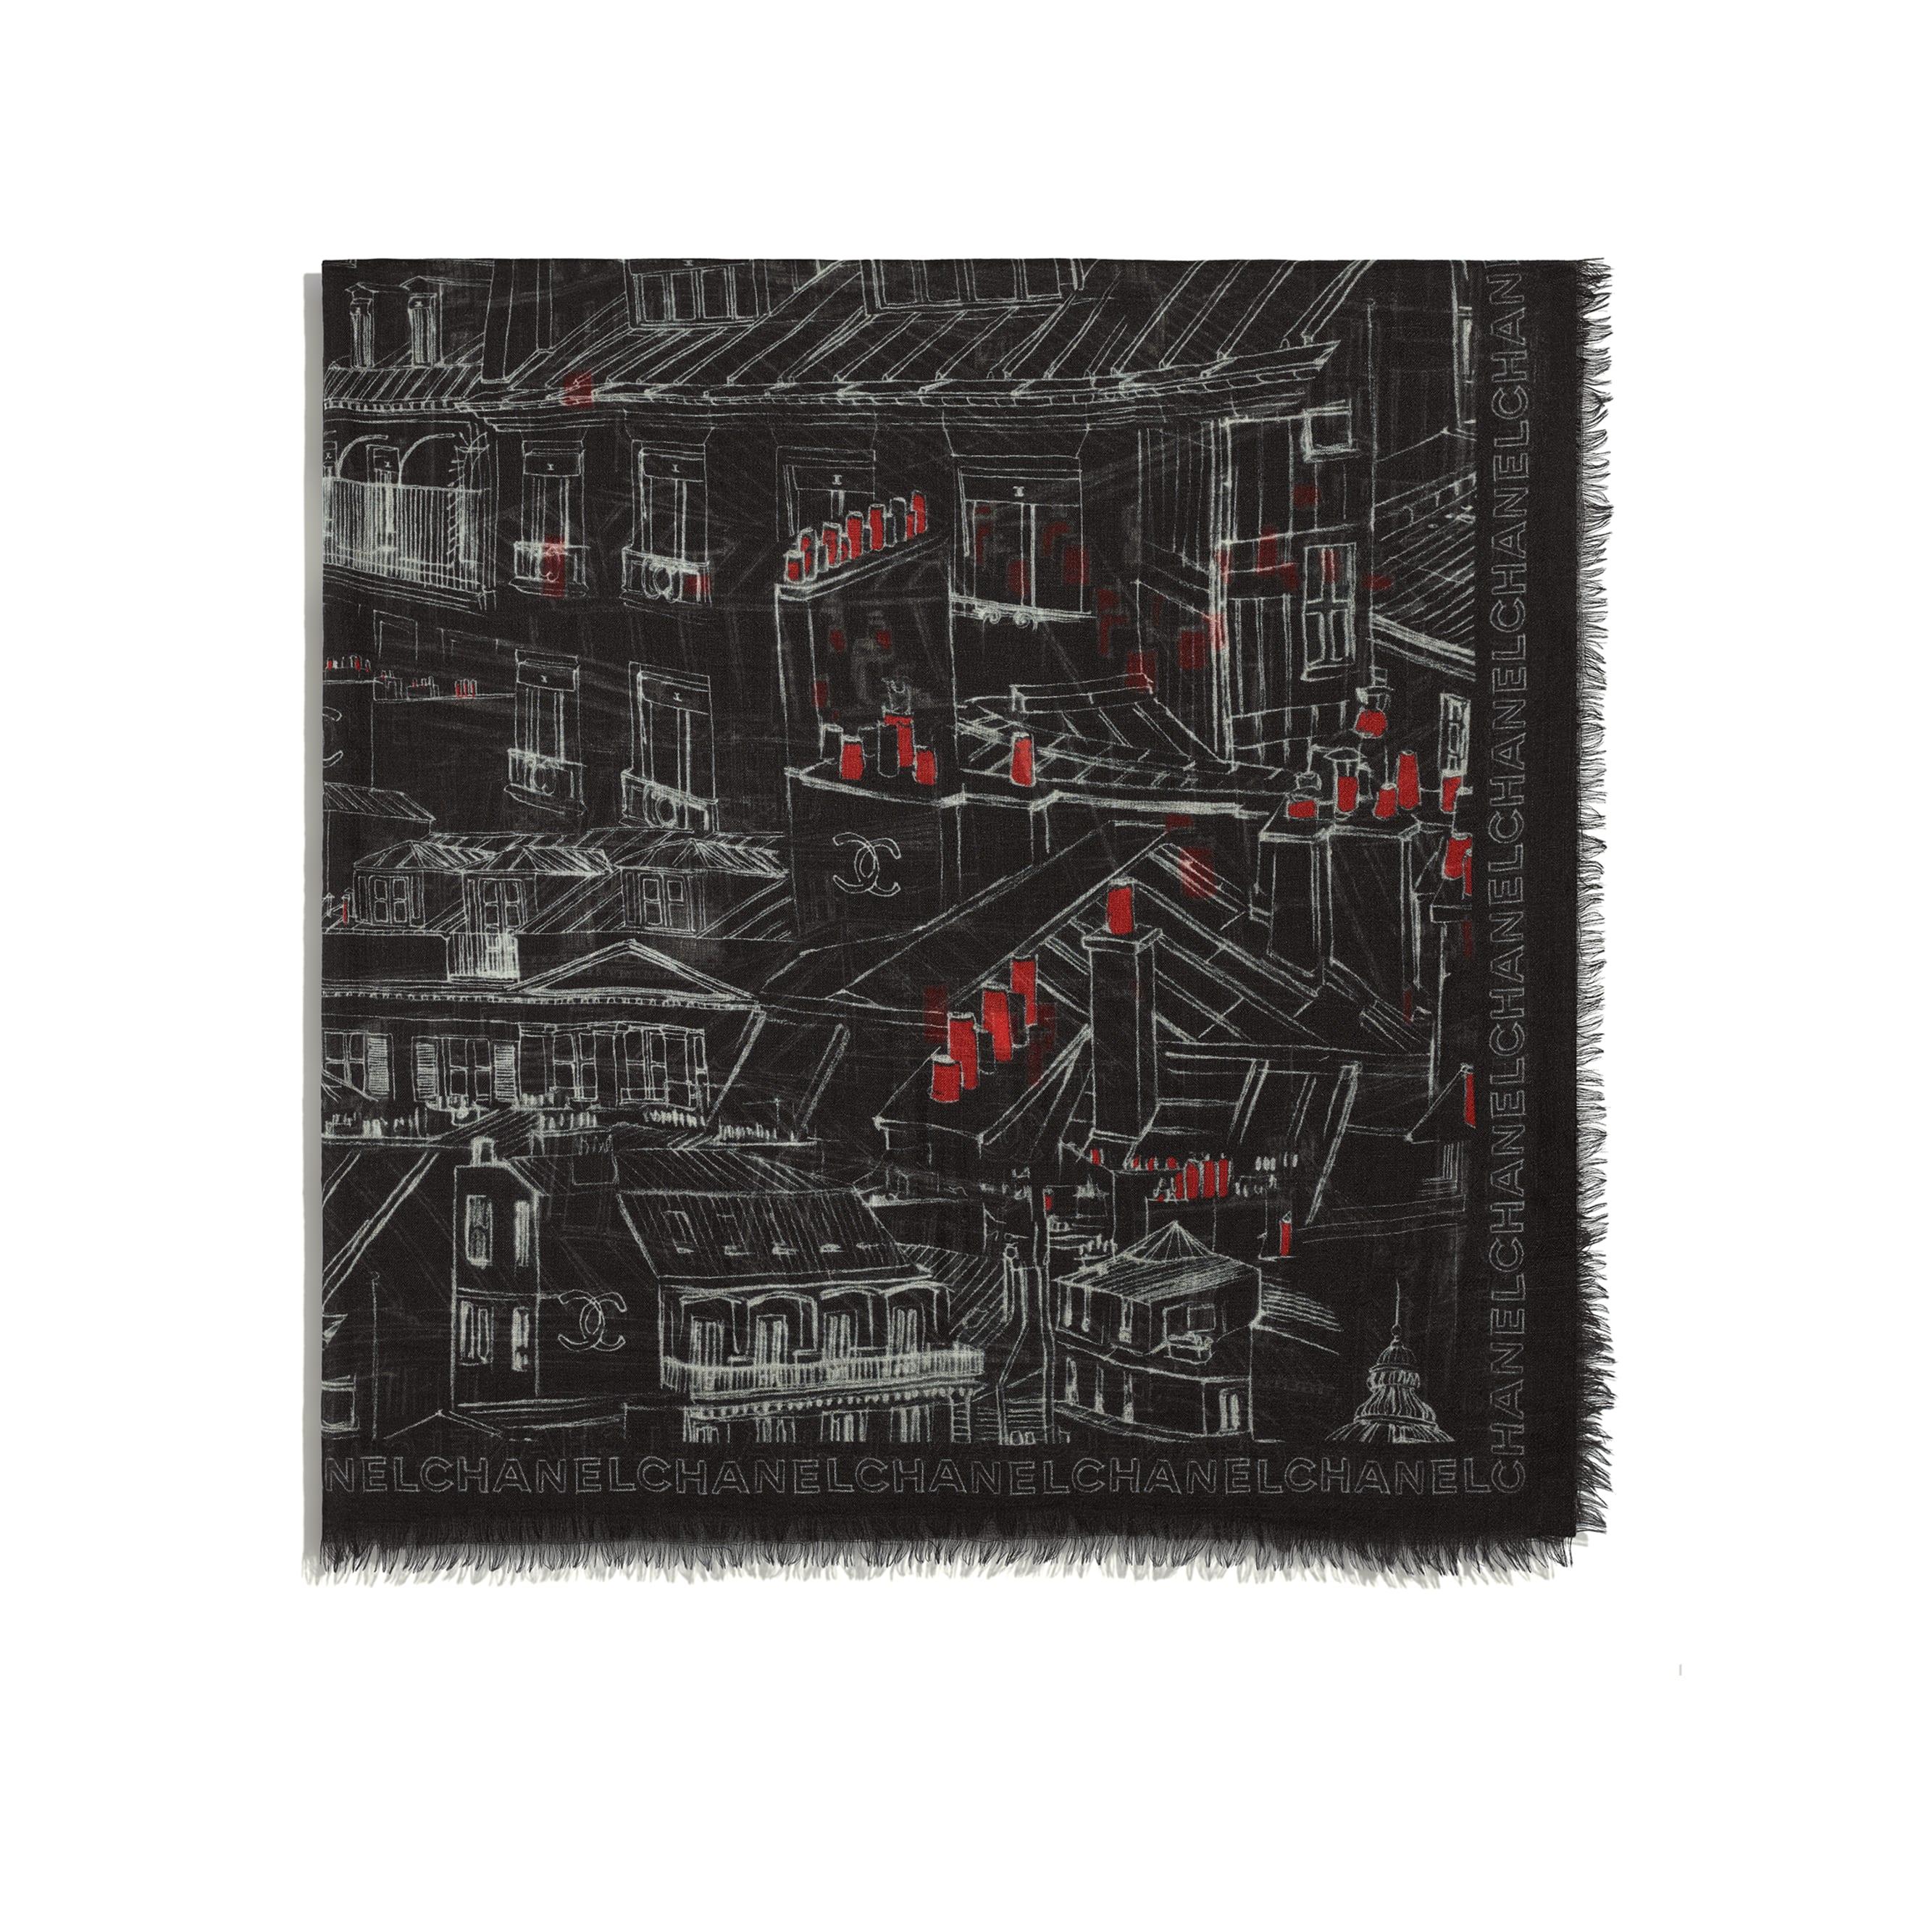 Pañuelo cuadrado - Negro, rojo y blanco - Cachemire - CHANEL - Vista alternativa - ver la versión tamaño estándar